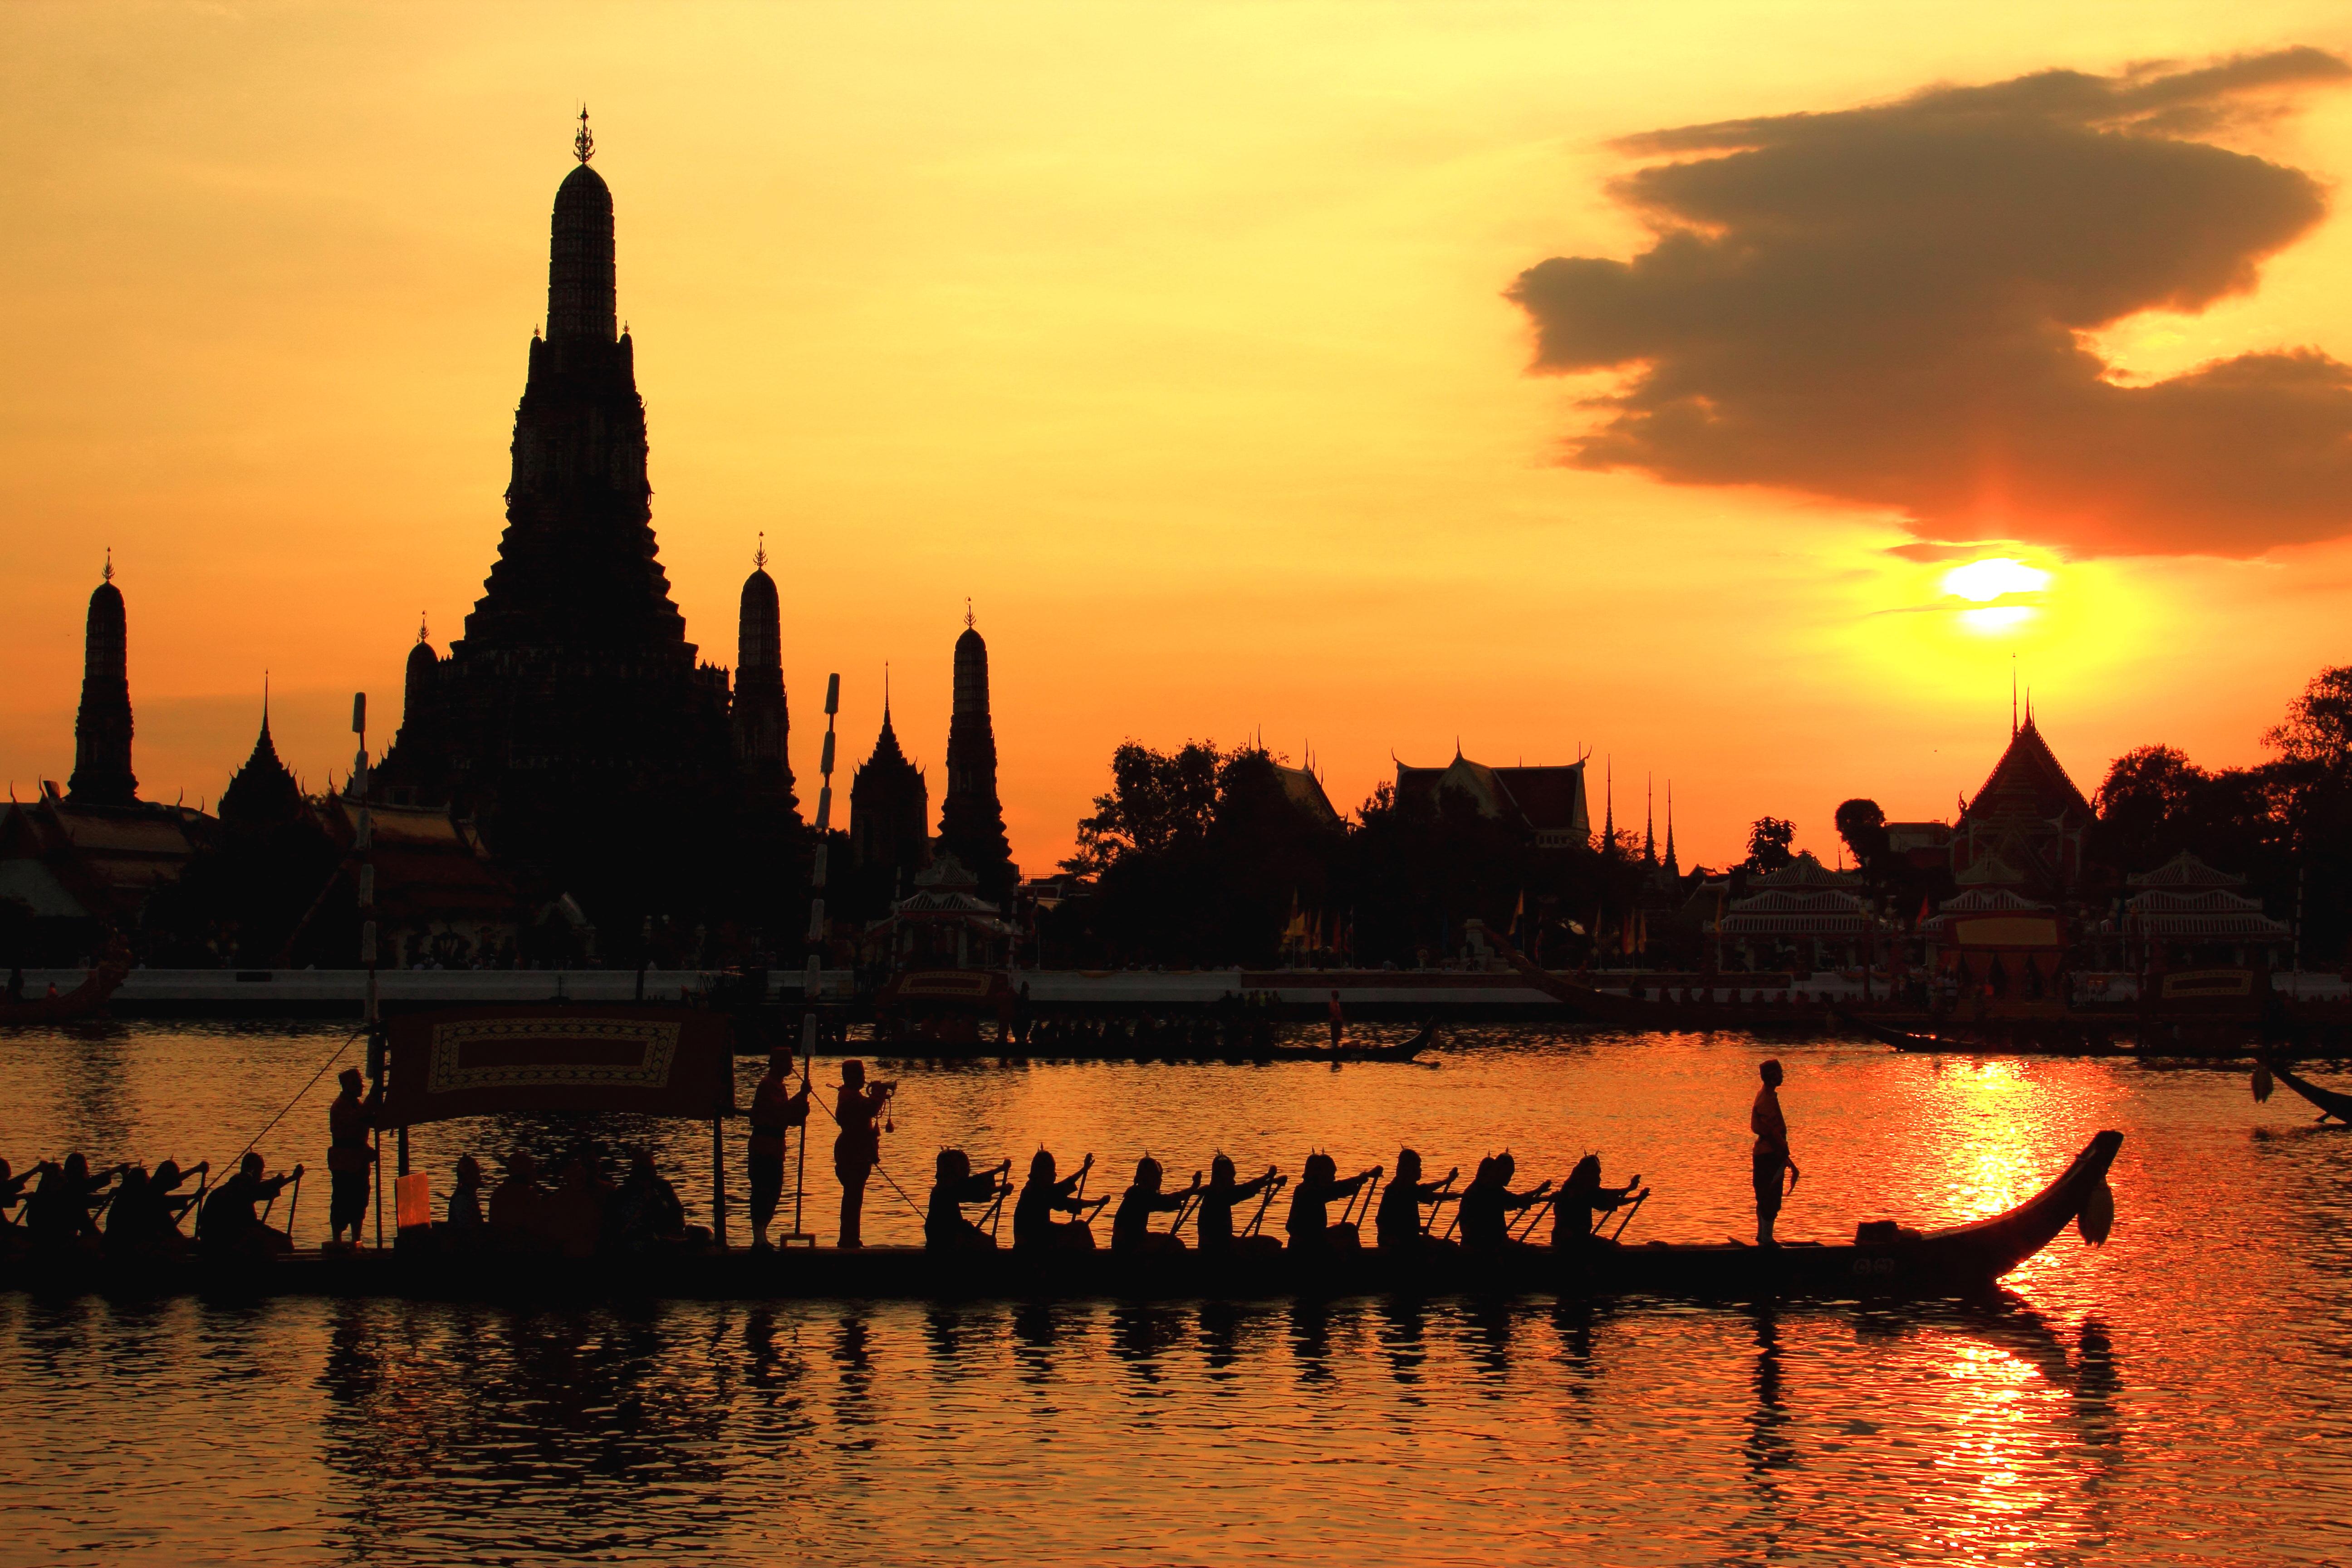 The Royal Barge Procession passes Wat Arun Ratchawararam on November 9, 2012.